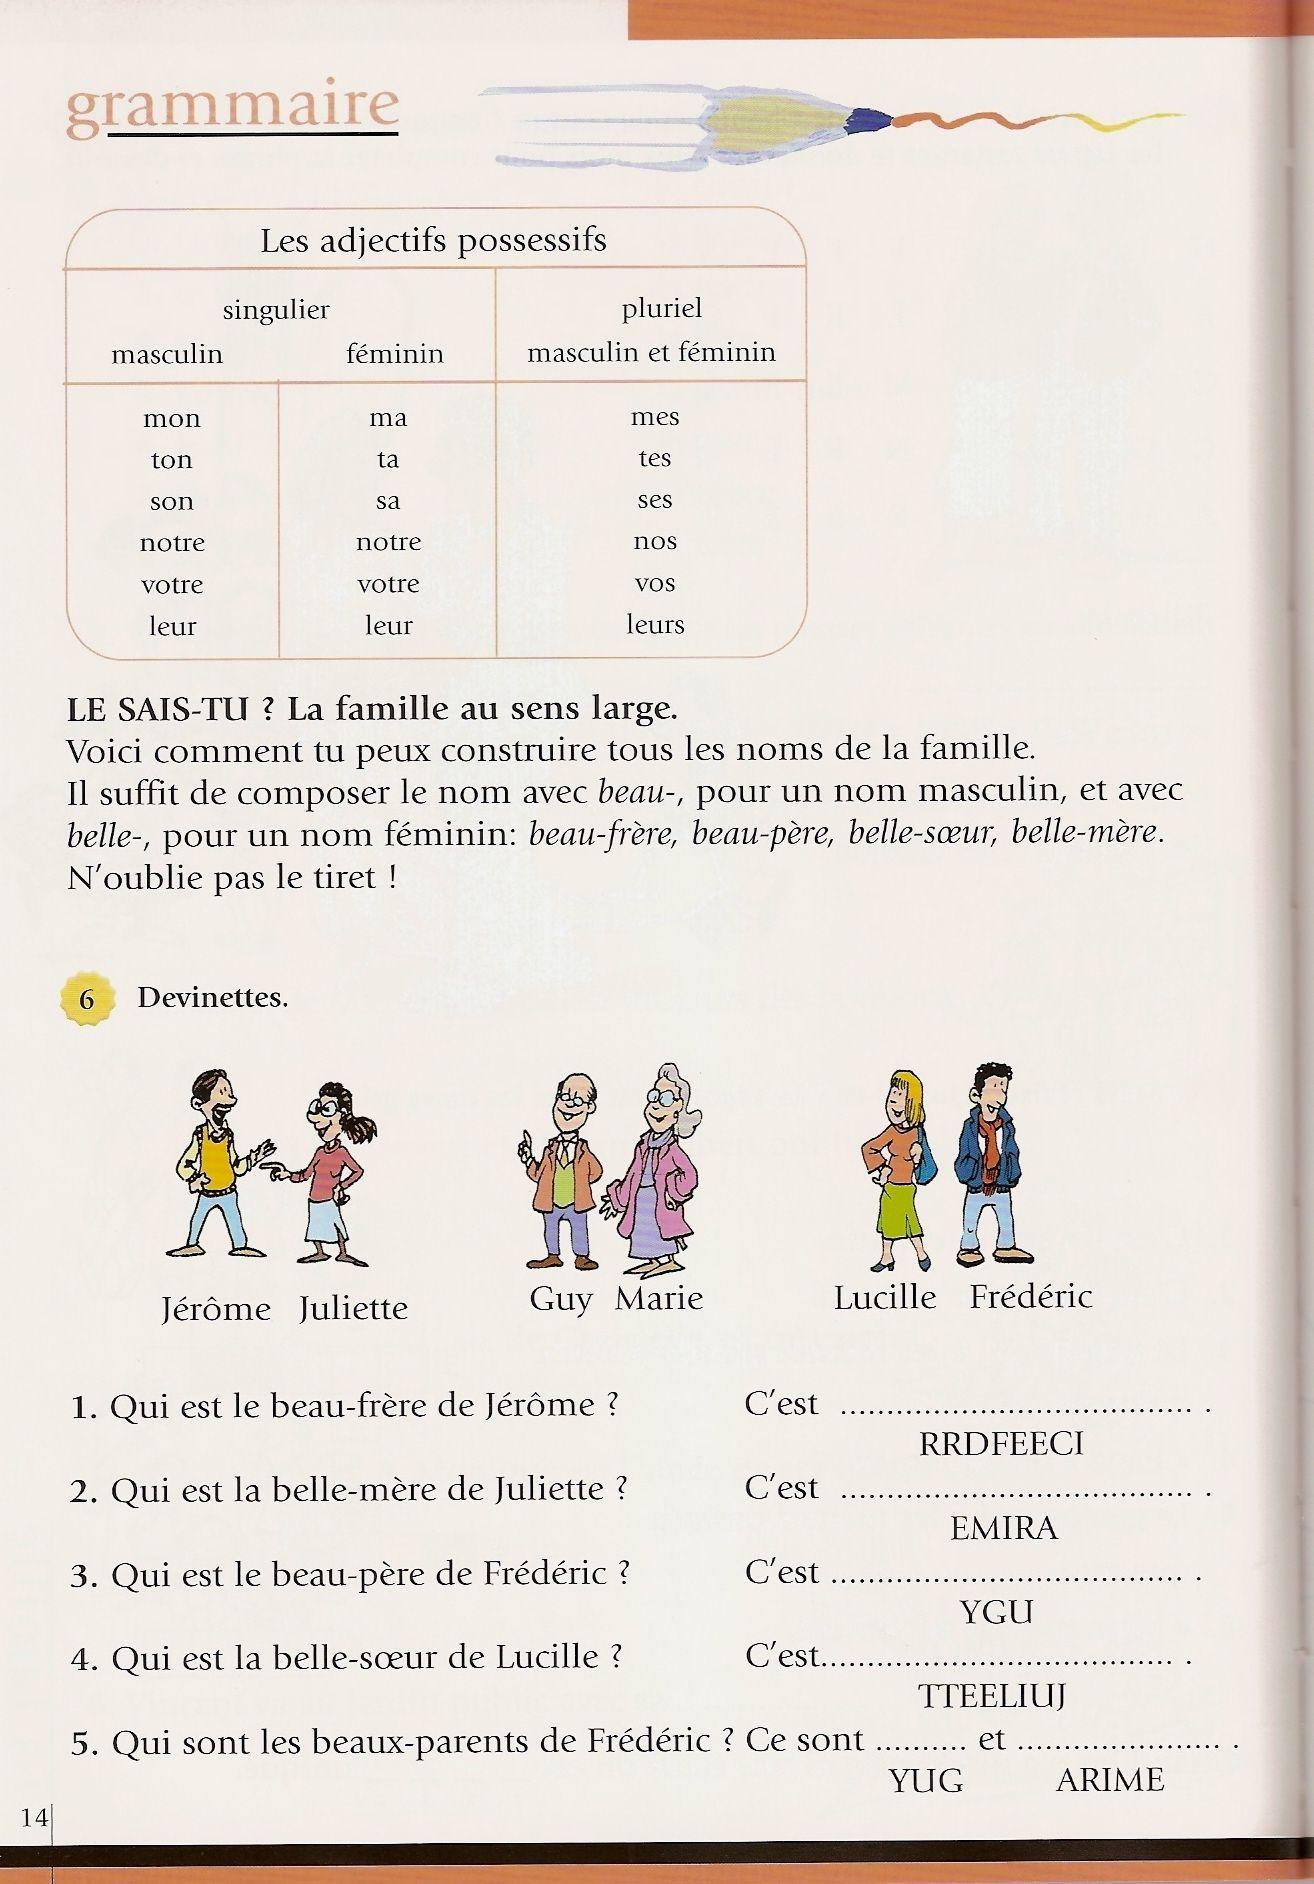 Adjectifs Possessifs Et Famille